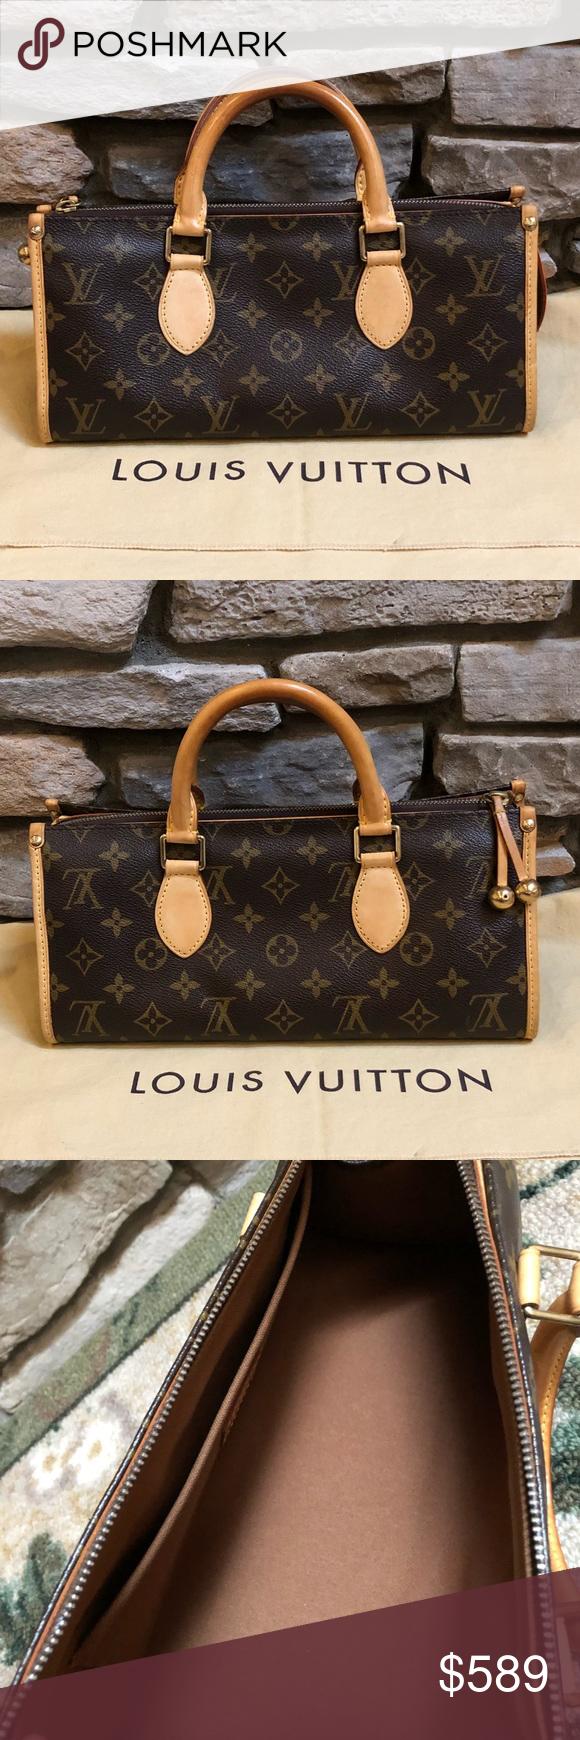 d3c4dd302d 💯Authentic Louis Vuitton Popincourt PM Preloved LOUIS VUITTON ...